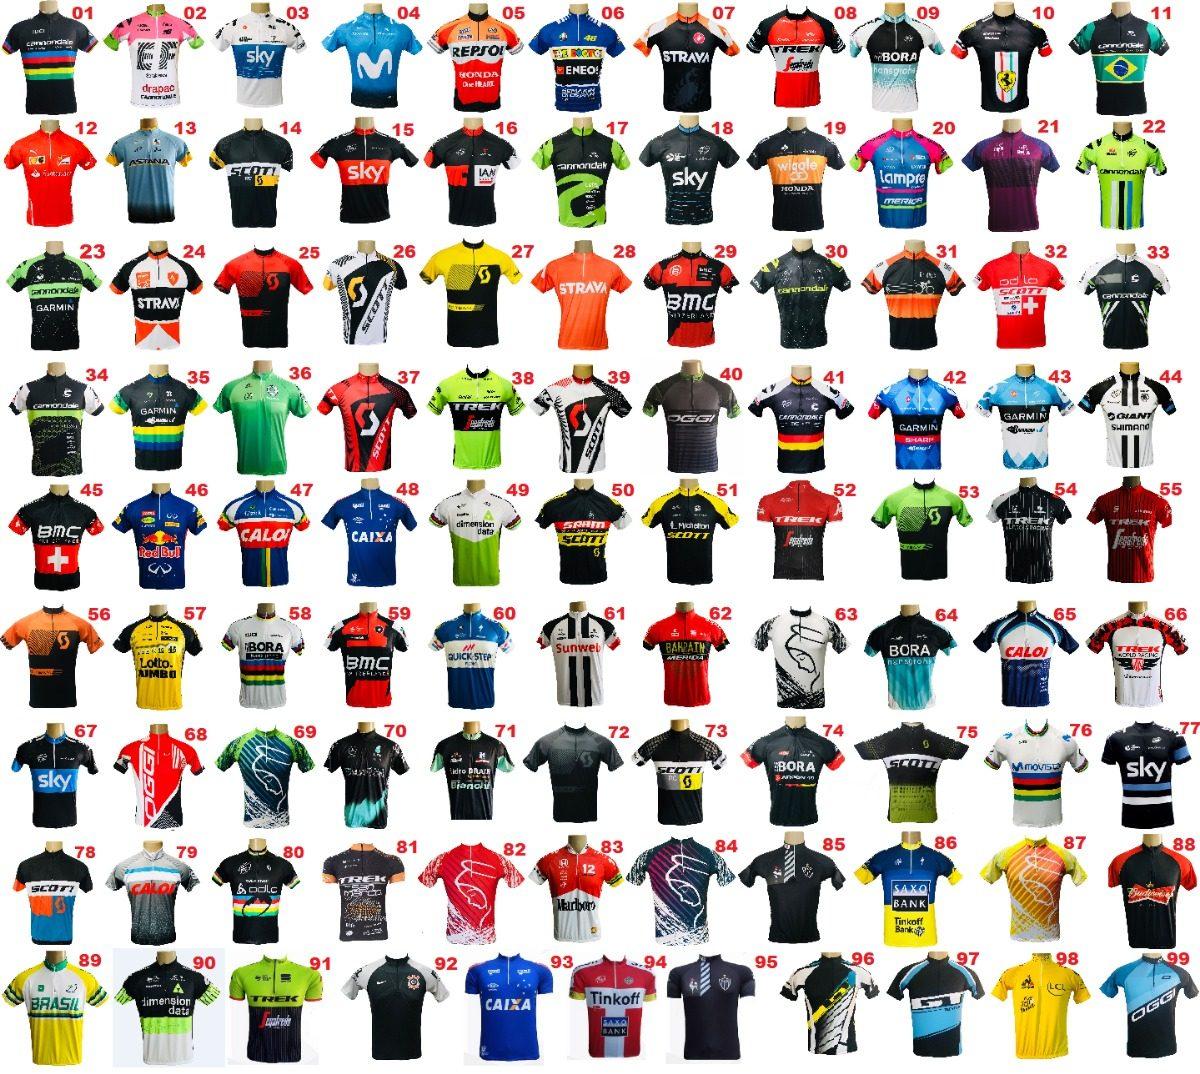 Kit Camisa De Ciclismo Mtb (2 Camisas + Frete Grátis + 12x) - R  139 ... eb940d828bcc4